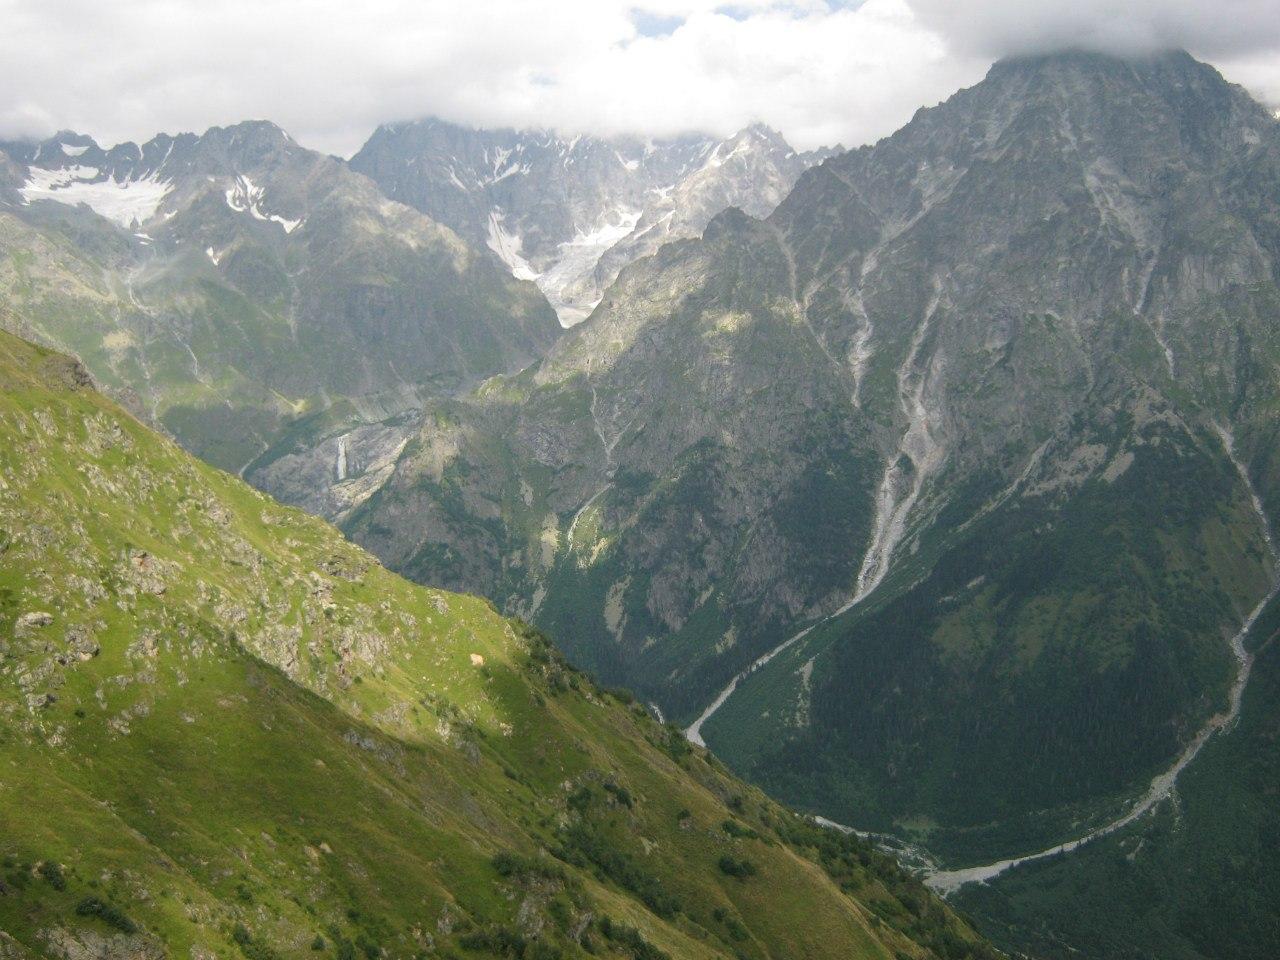 Пейзажи окрестностей горы Ушба с западной стороны